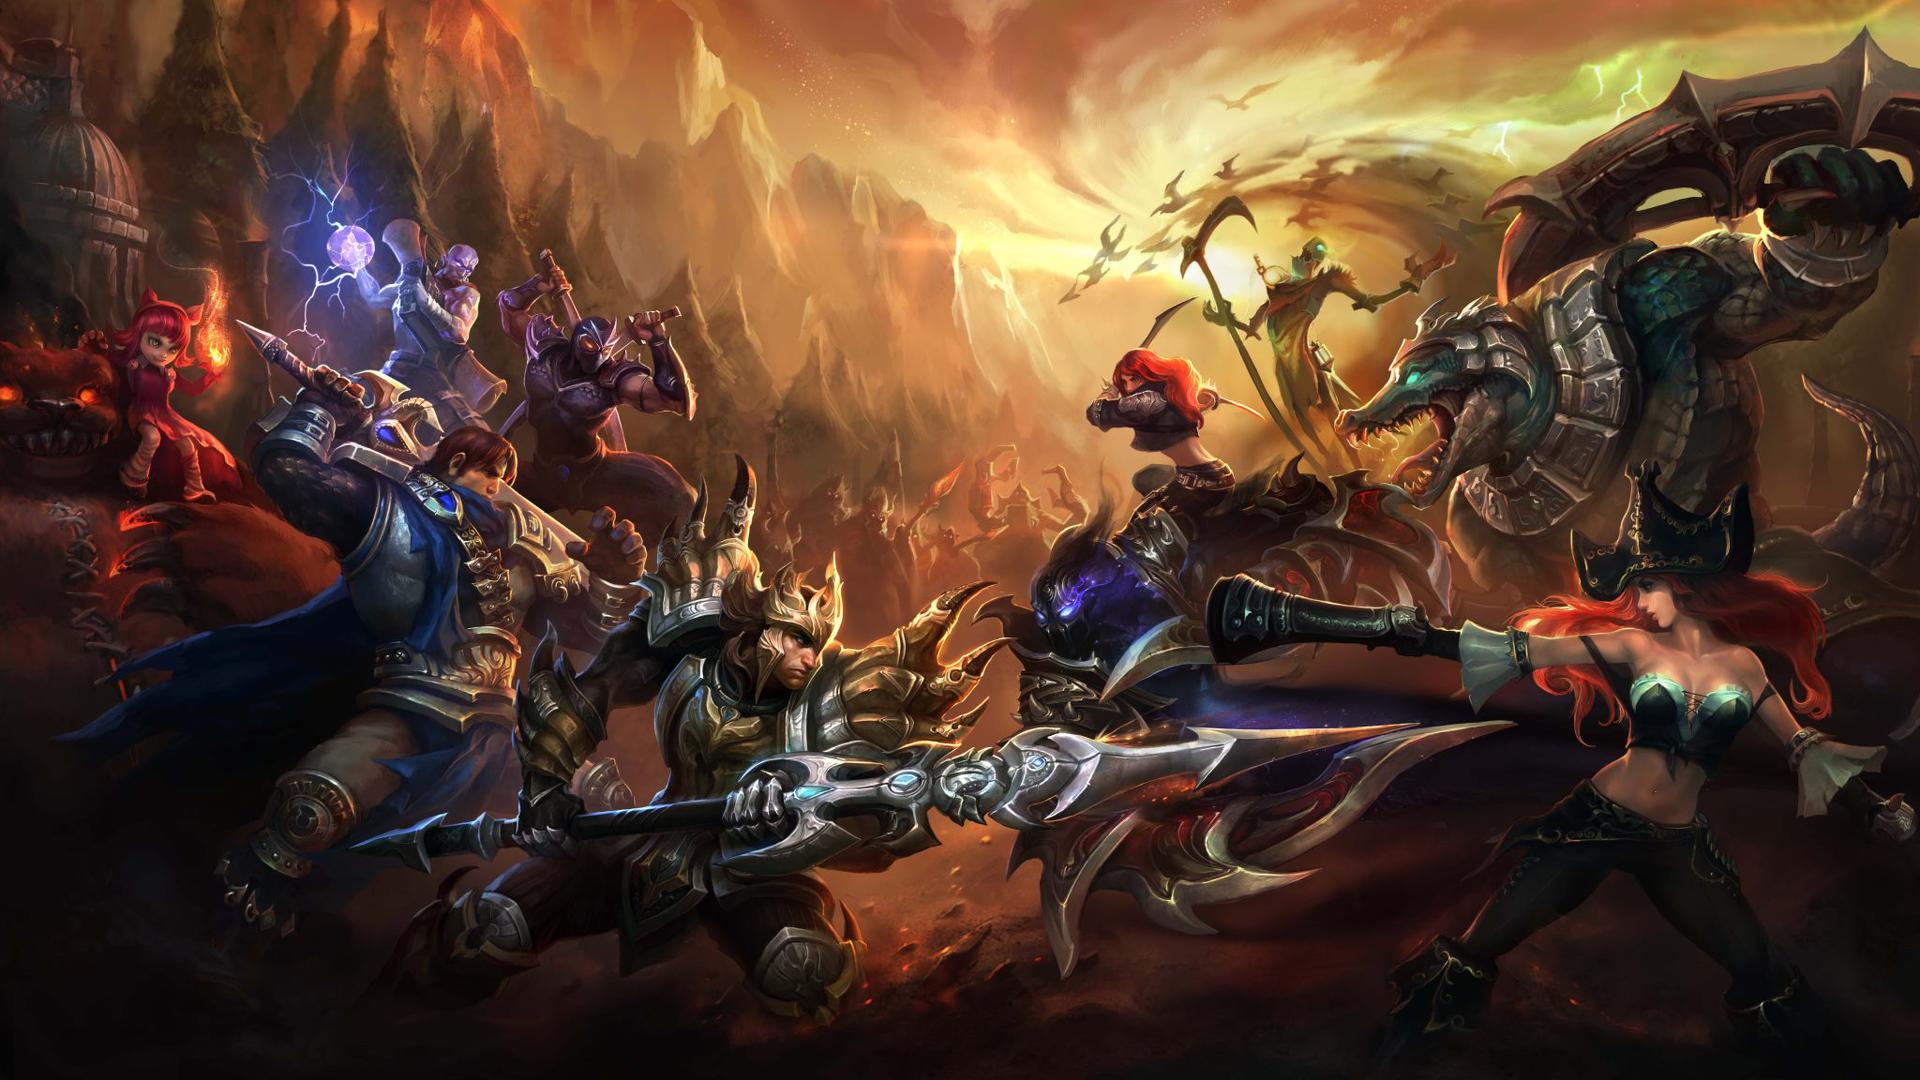 Broken Screen League Of Legends Wallpaper Full Hd Wallpaper League Of Legends Hd Wallpaper